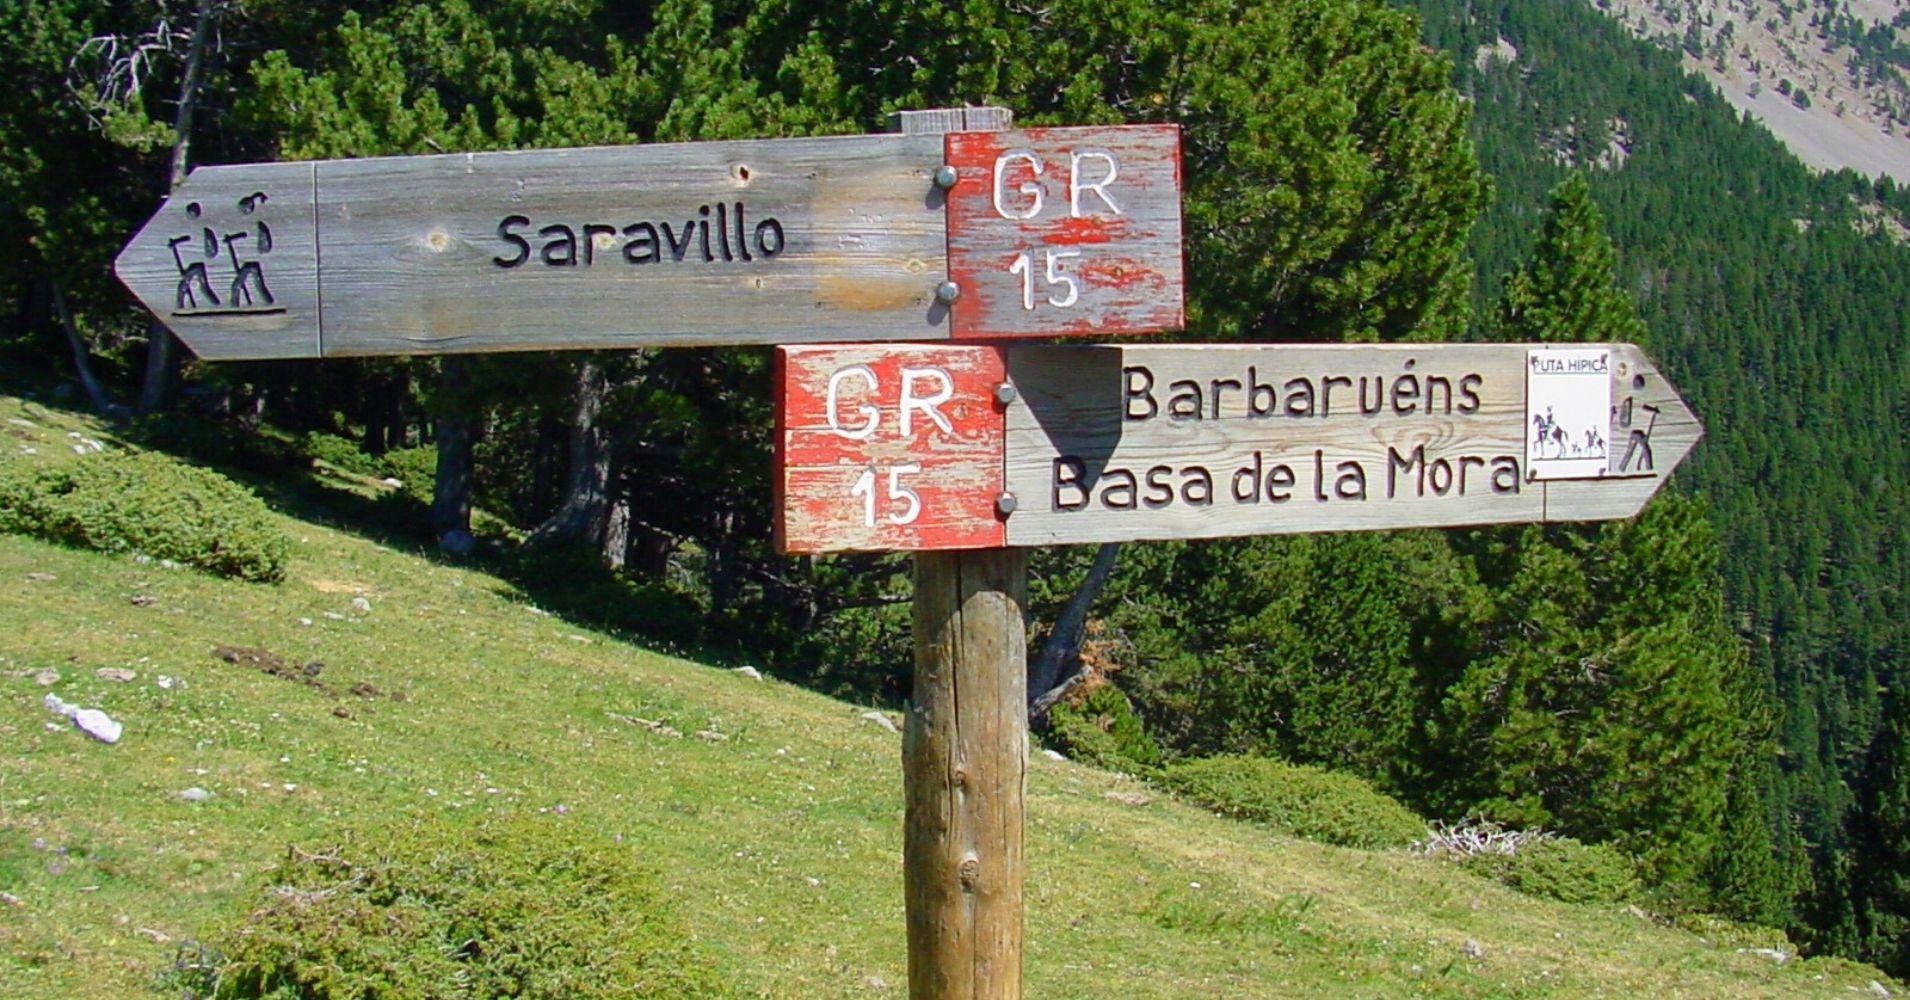 Cartel del GR 15. Saravillo, Barbaurens, Basa de la Mora. Huesca, Aragón.